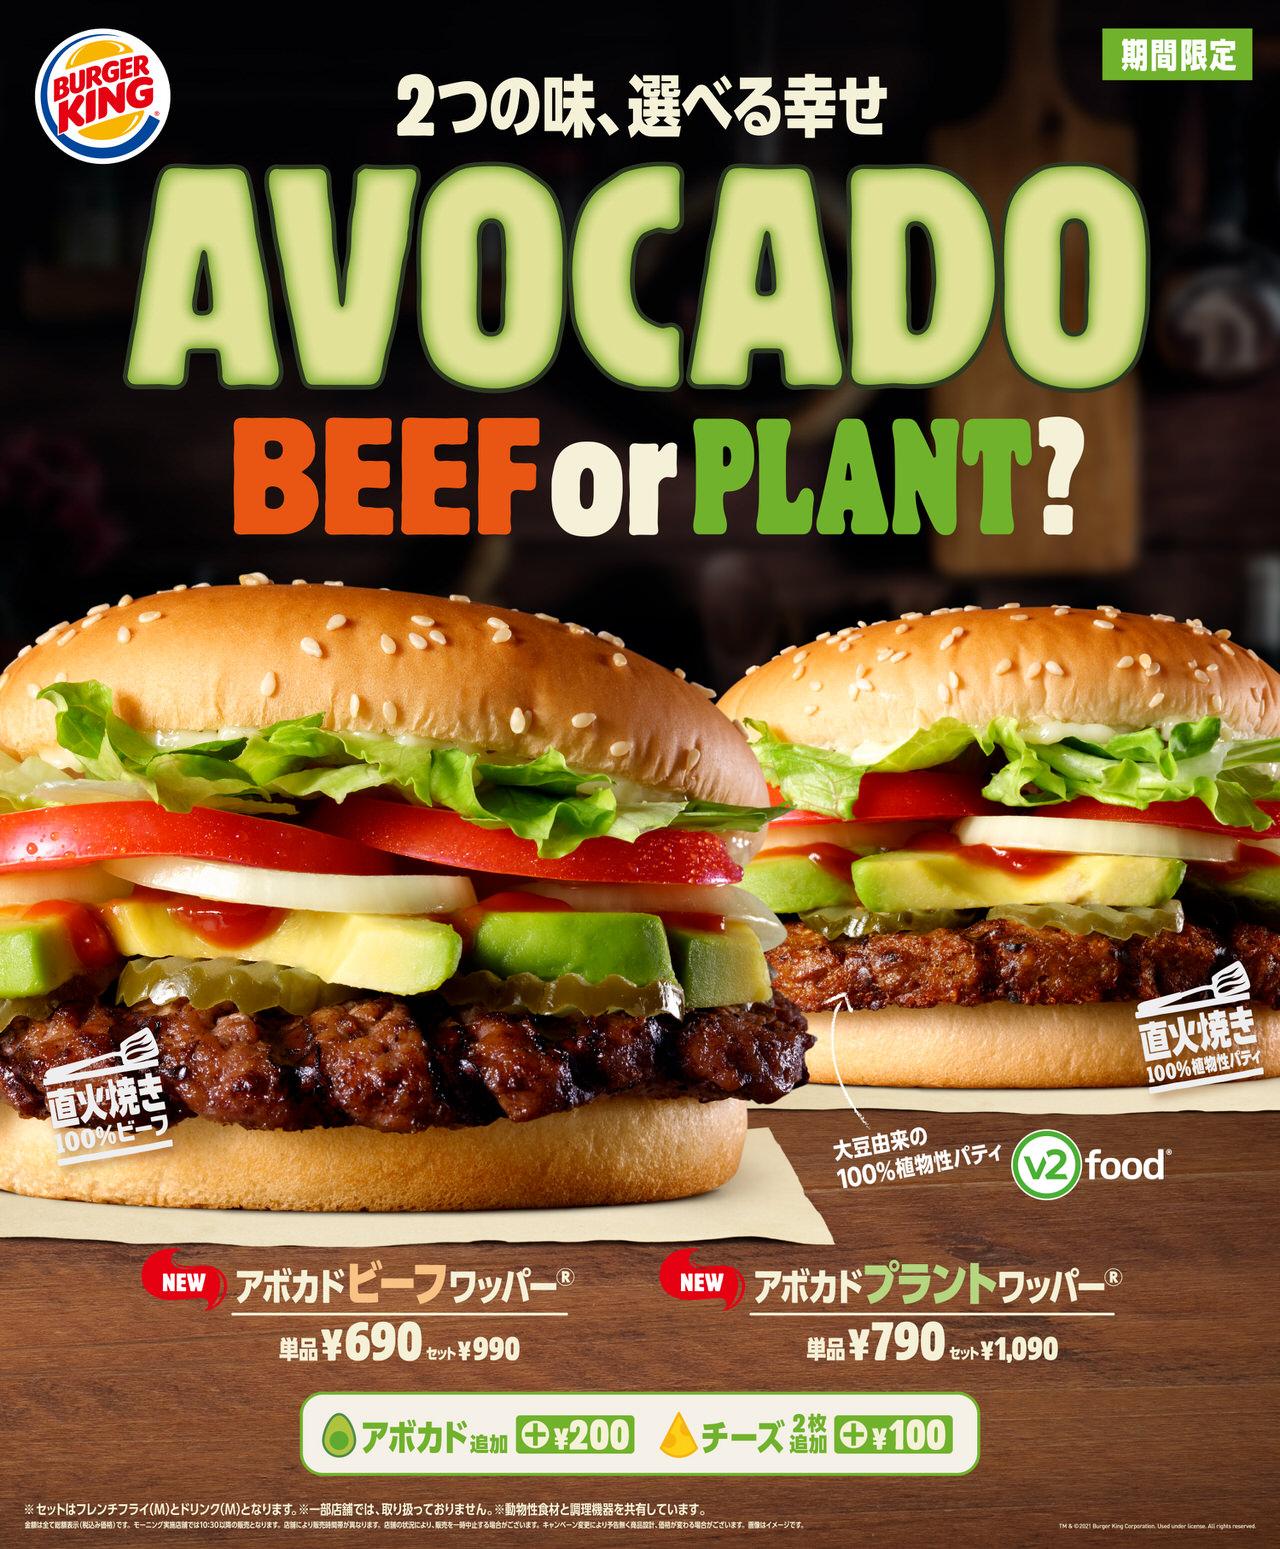 【バーガーキング】アボカドを使った新商品!ビーフパティとプラントベースパティから選べる「アボカドビーフワッパー」「アボカドプラントワッパー」発売